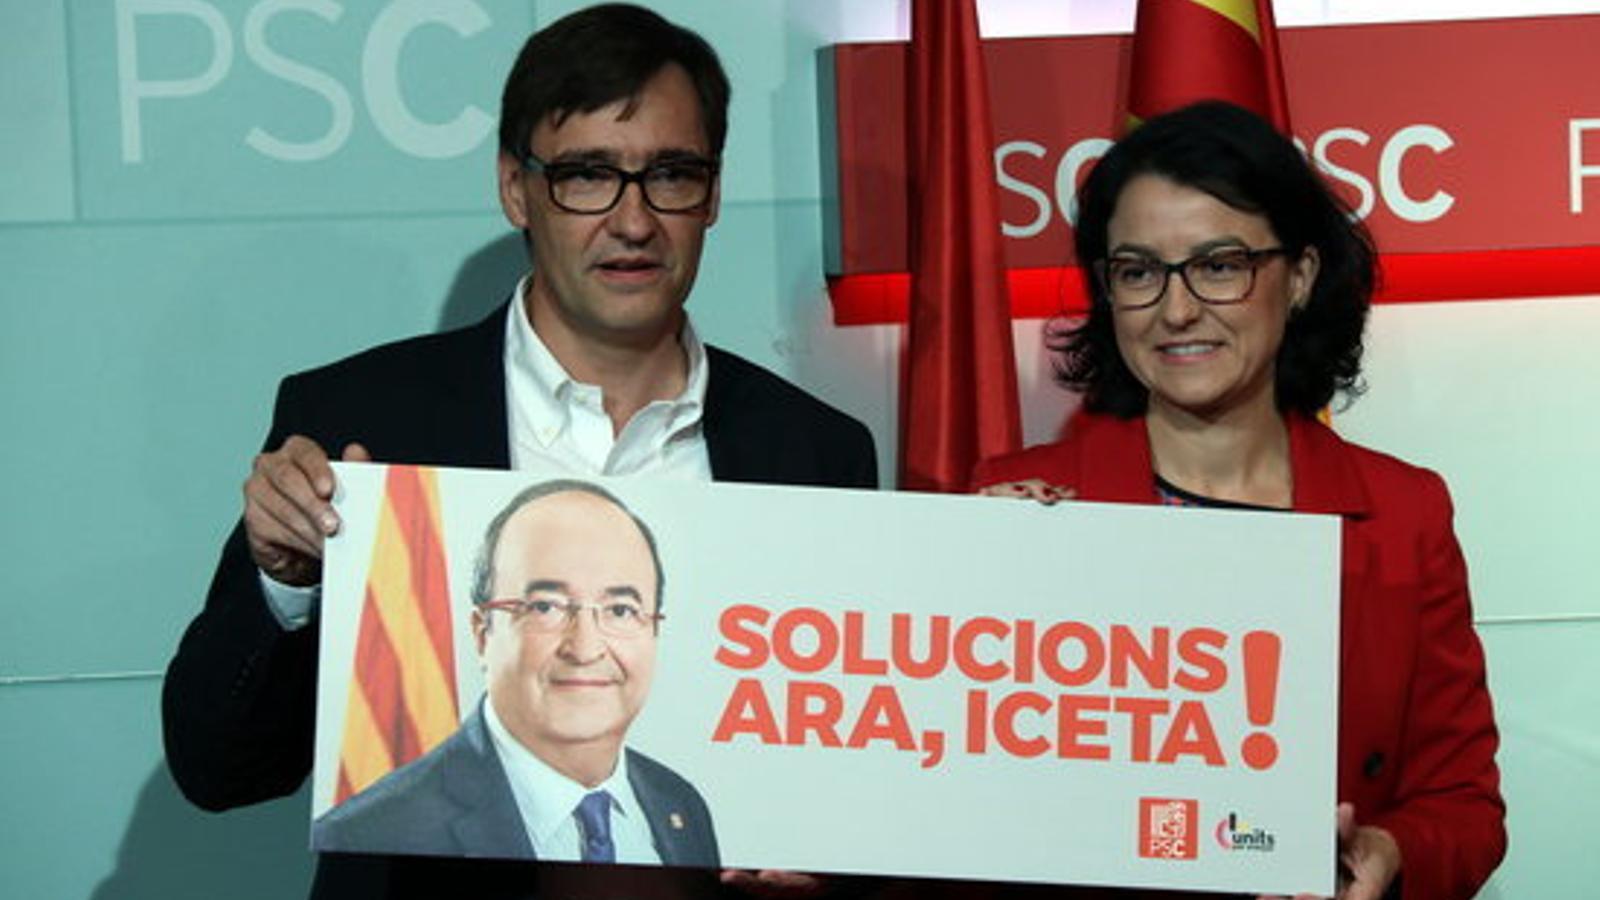 Eva Granados i Salvador Illa amb el cartell de l'eslògan del PSC per al 21-D